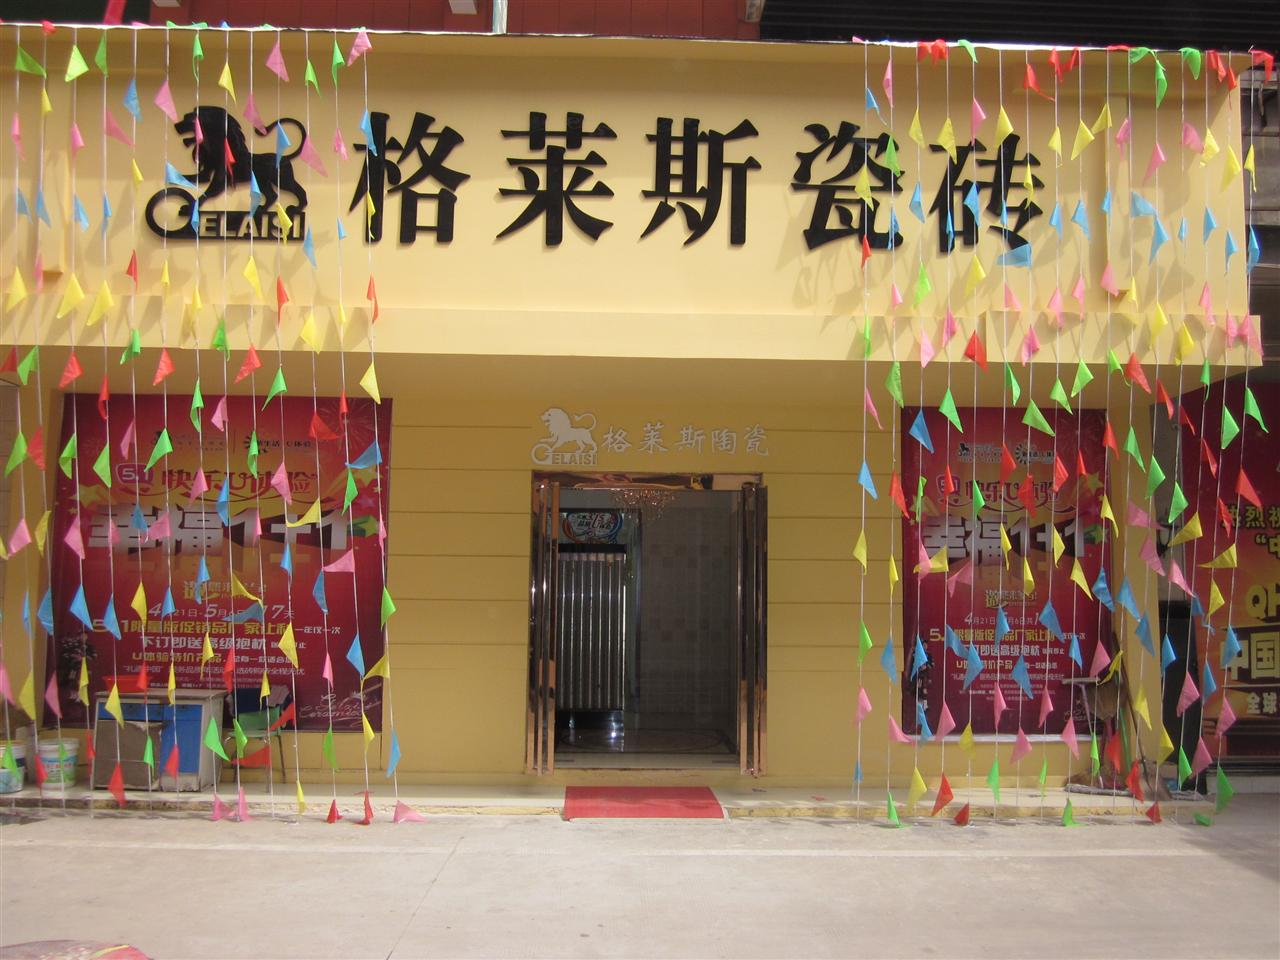 瓷砖欧式门头